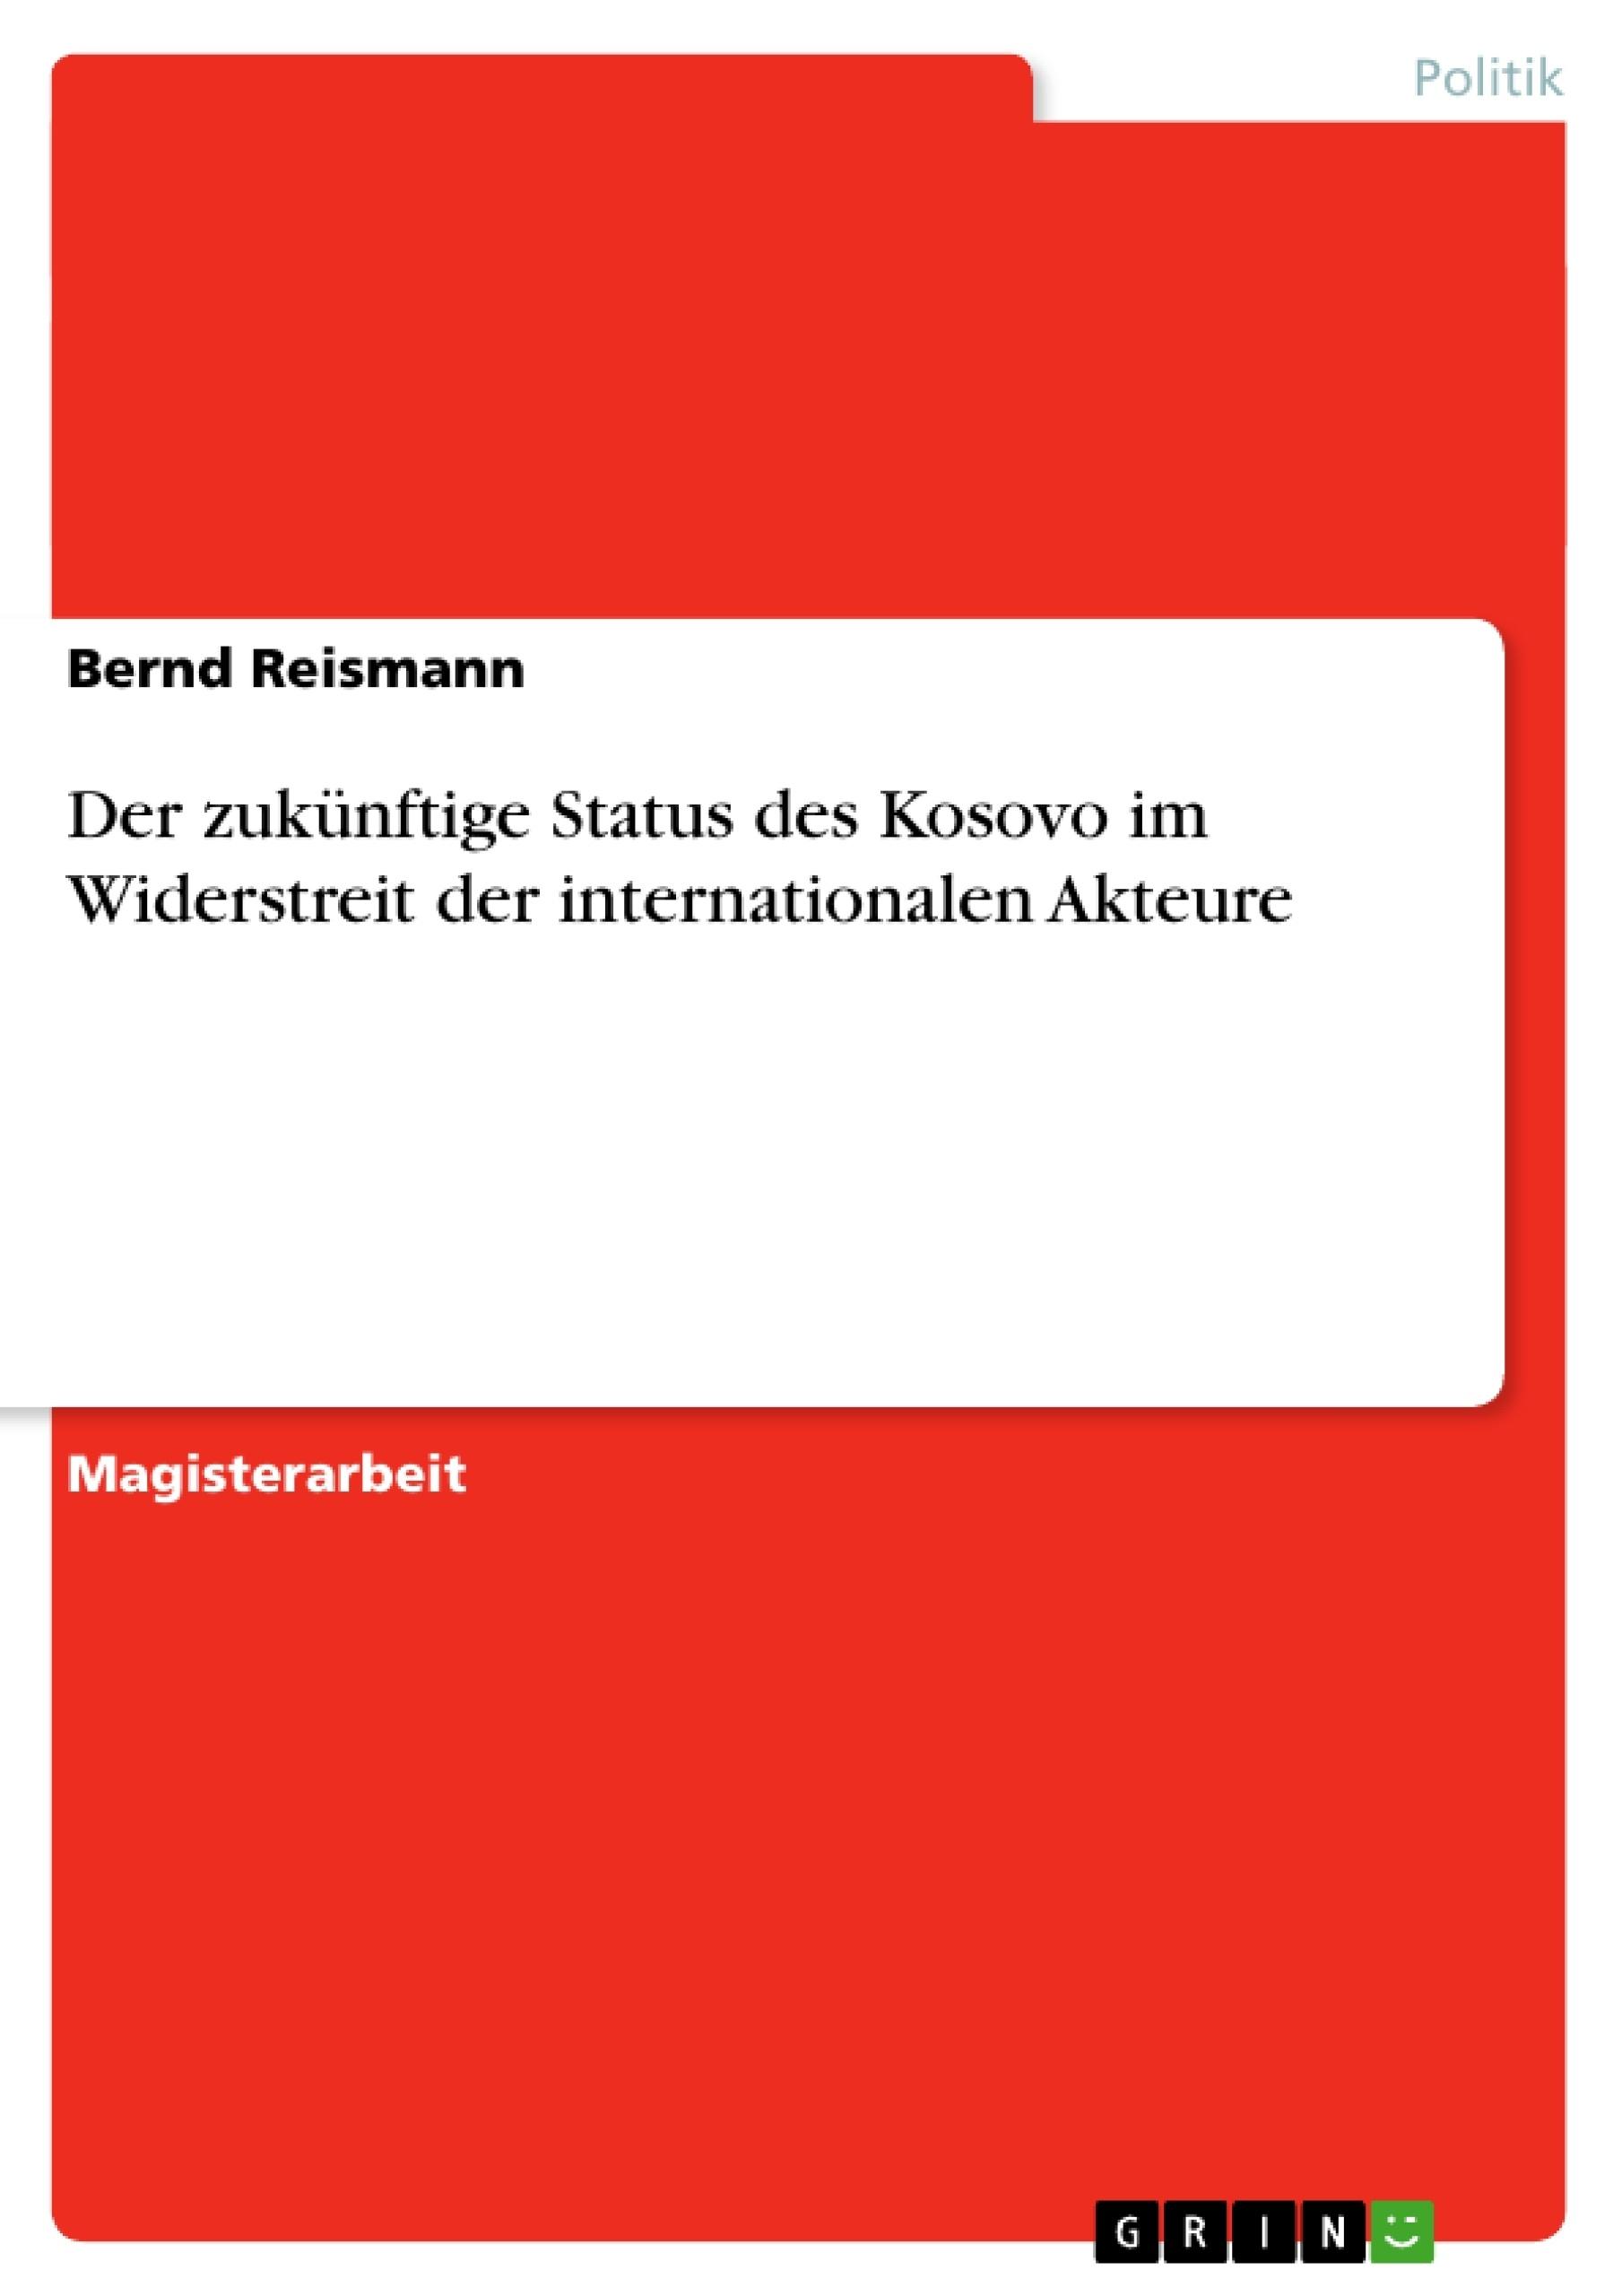 Titel: Der zukünftige Status des Kosovo im Widerstreit der internationalen Akteure